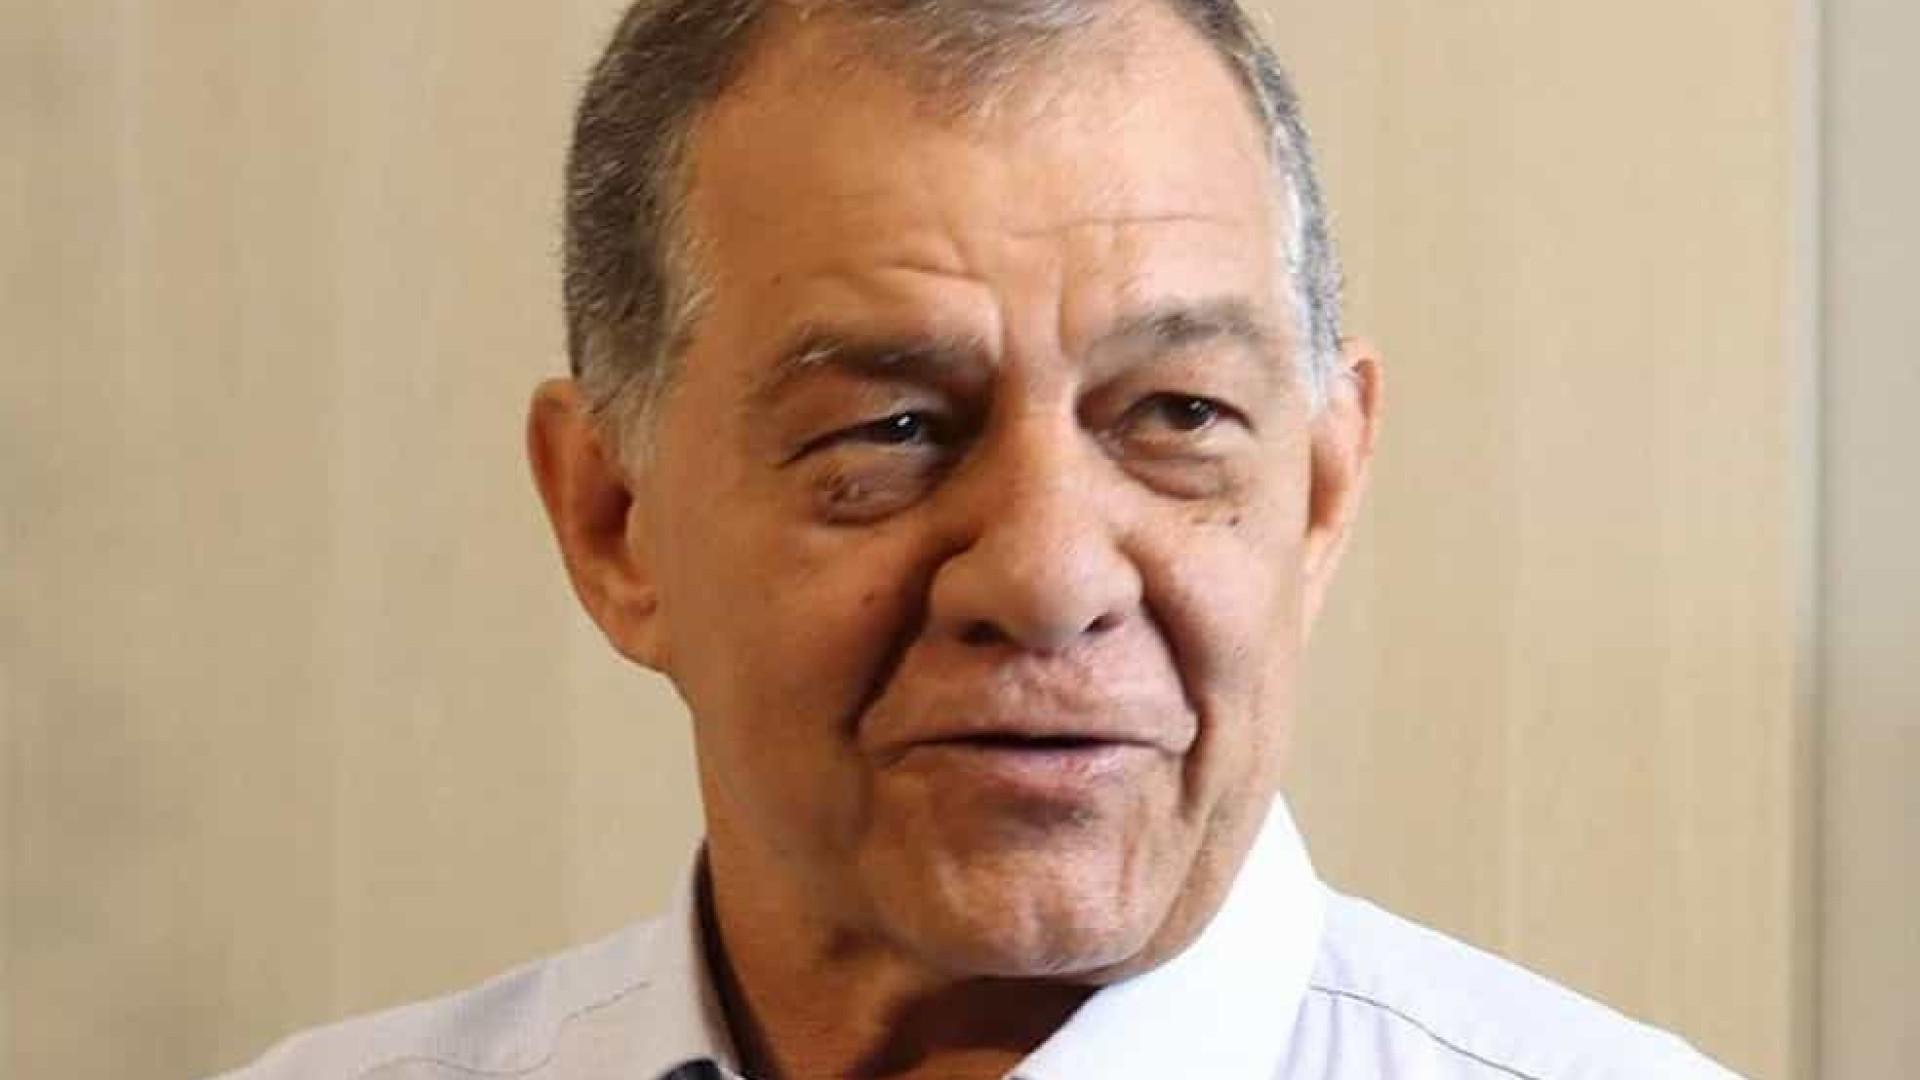 Adauto Scardoelli, prefeito de Matão-SP, morre aos 67 anos